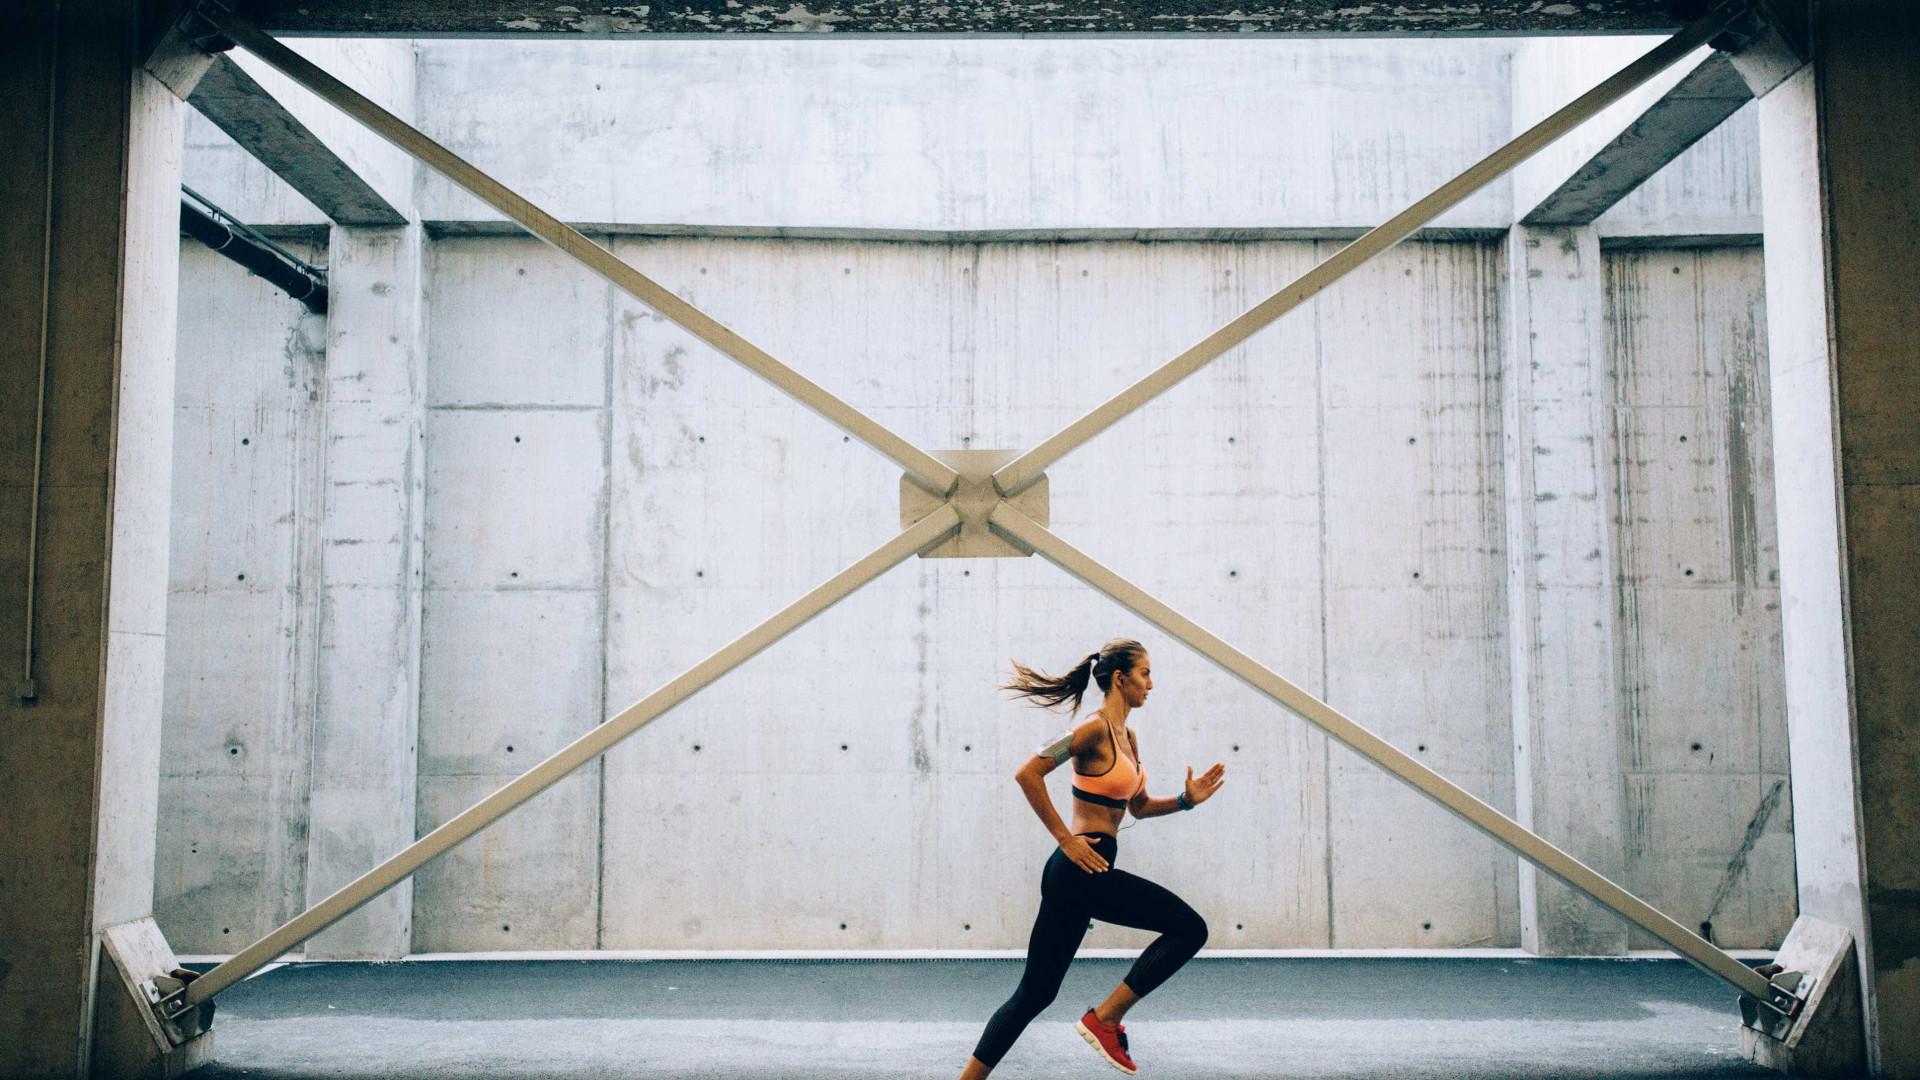 Mulheres, um minuto de exercício por dia é o suficiente para ganhar saúde